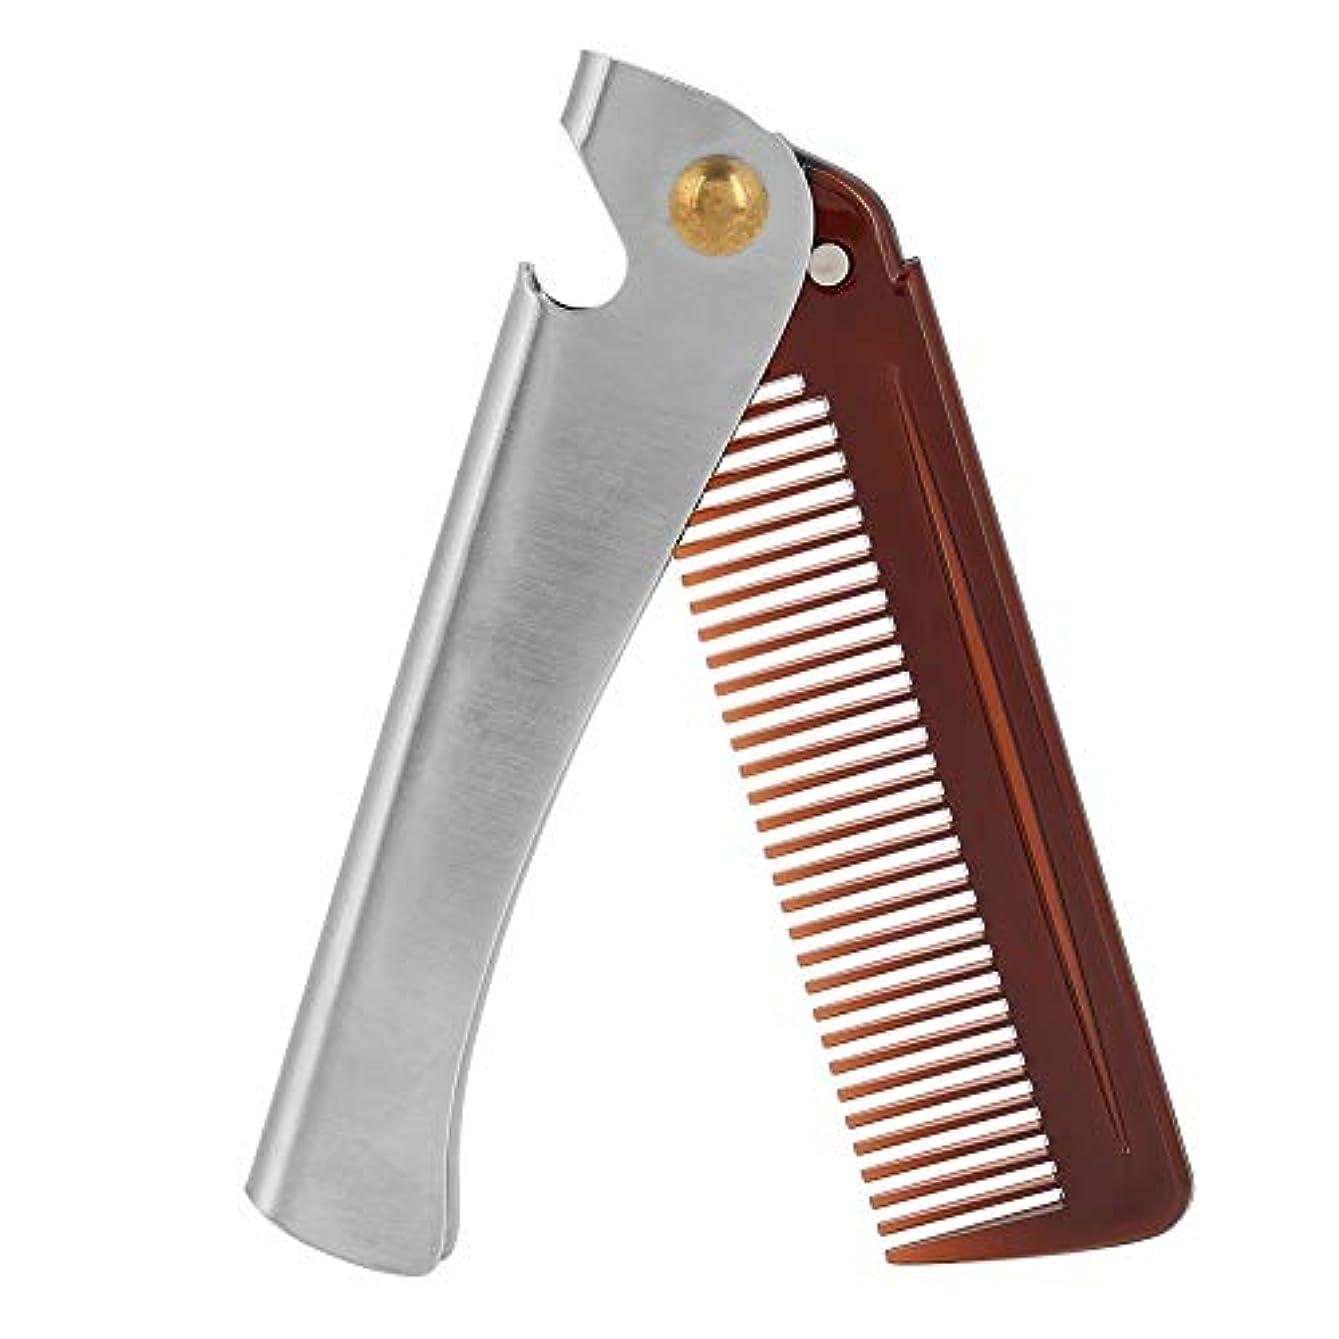 降ろす同様の証明ステンレス製のひげの櫛の携帯用ステンレス製のひげの櫛の携帯用折りたたみ口ひげ用具の栓抜き